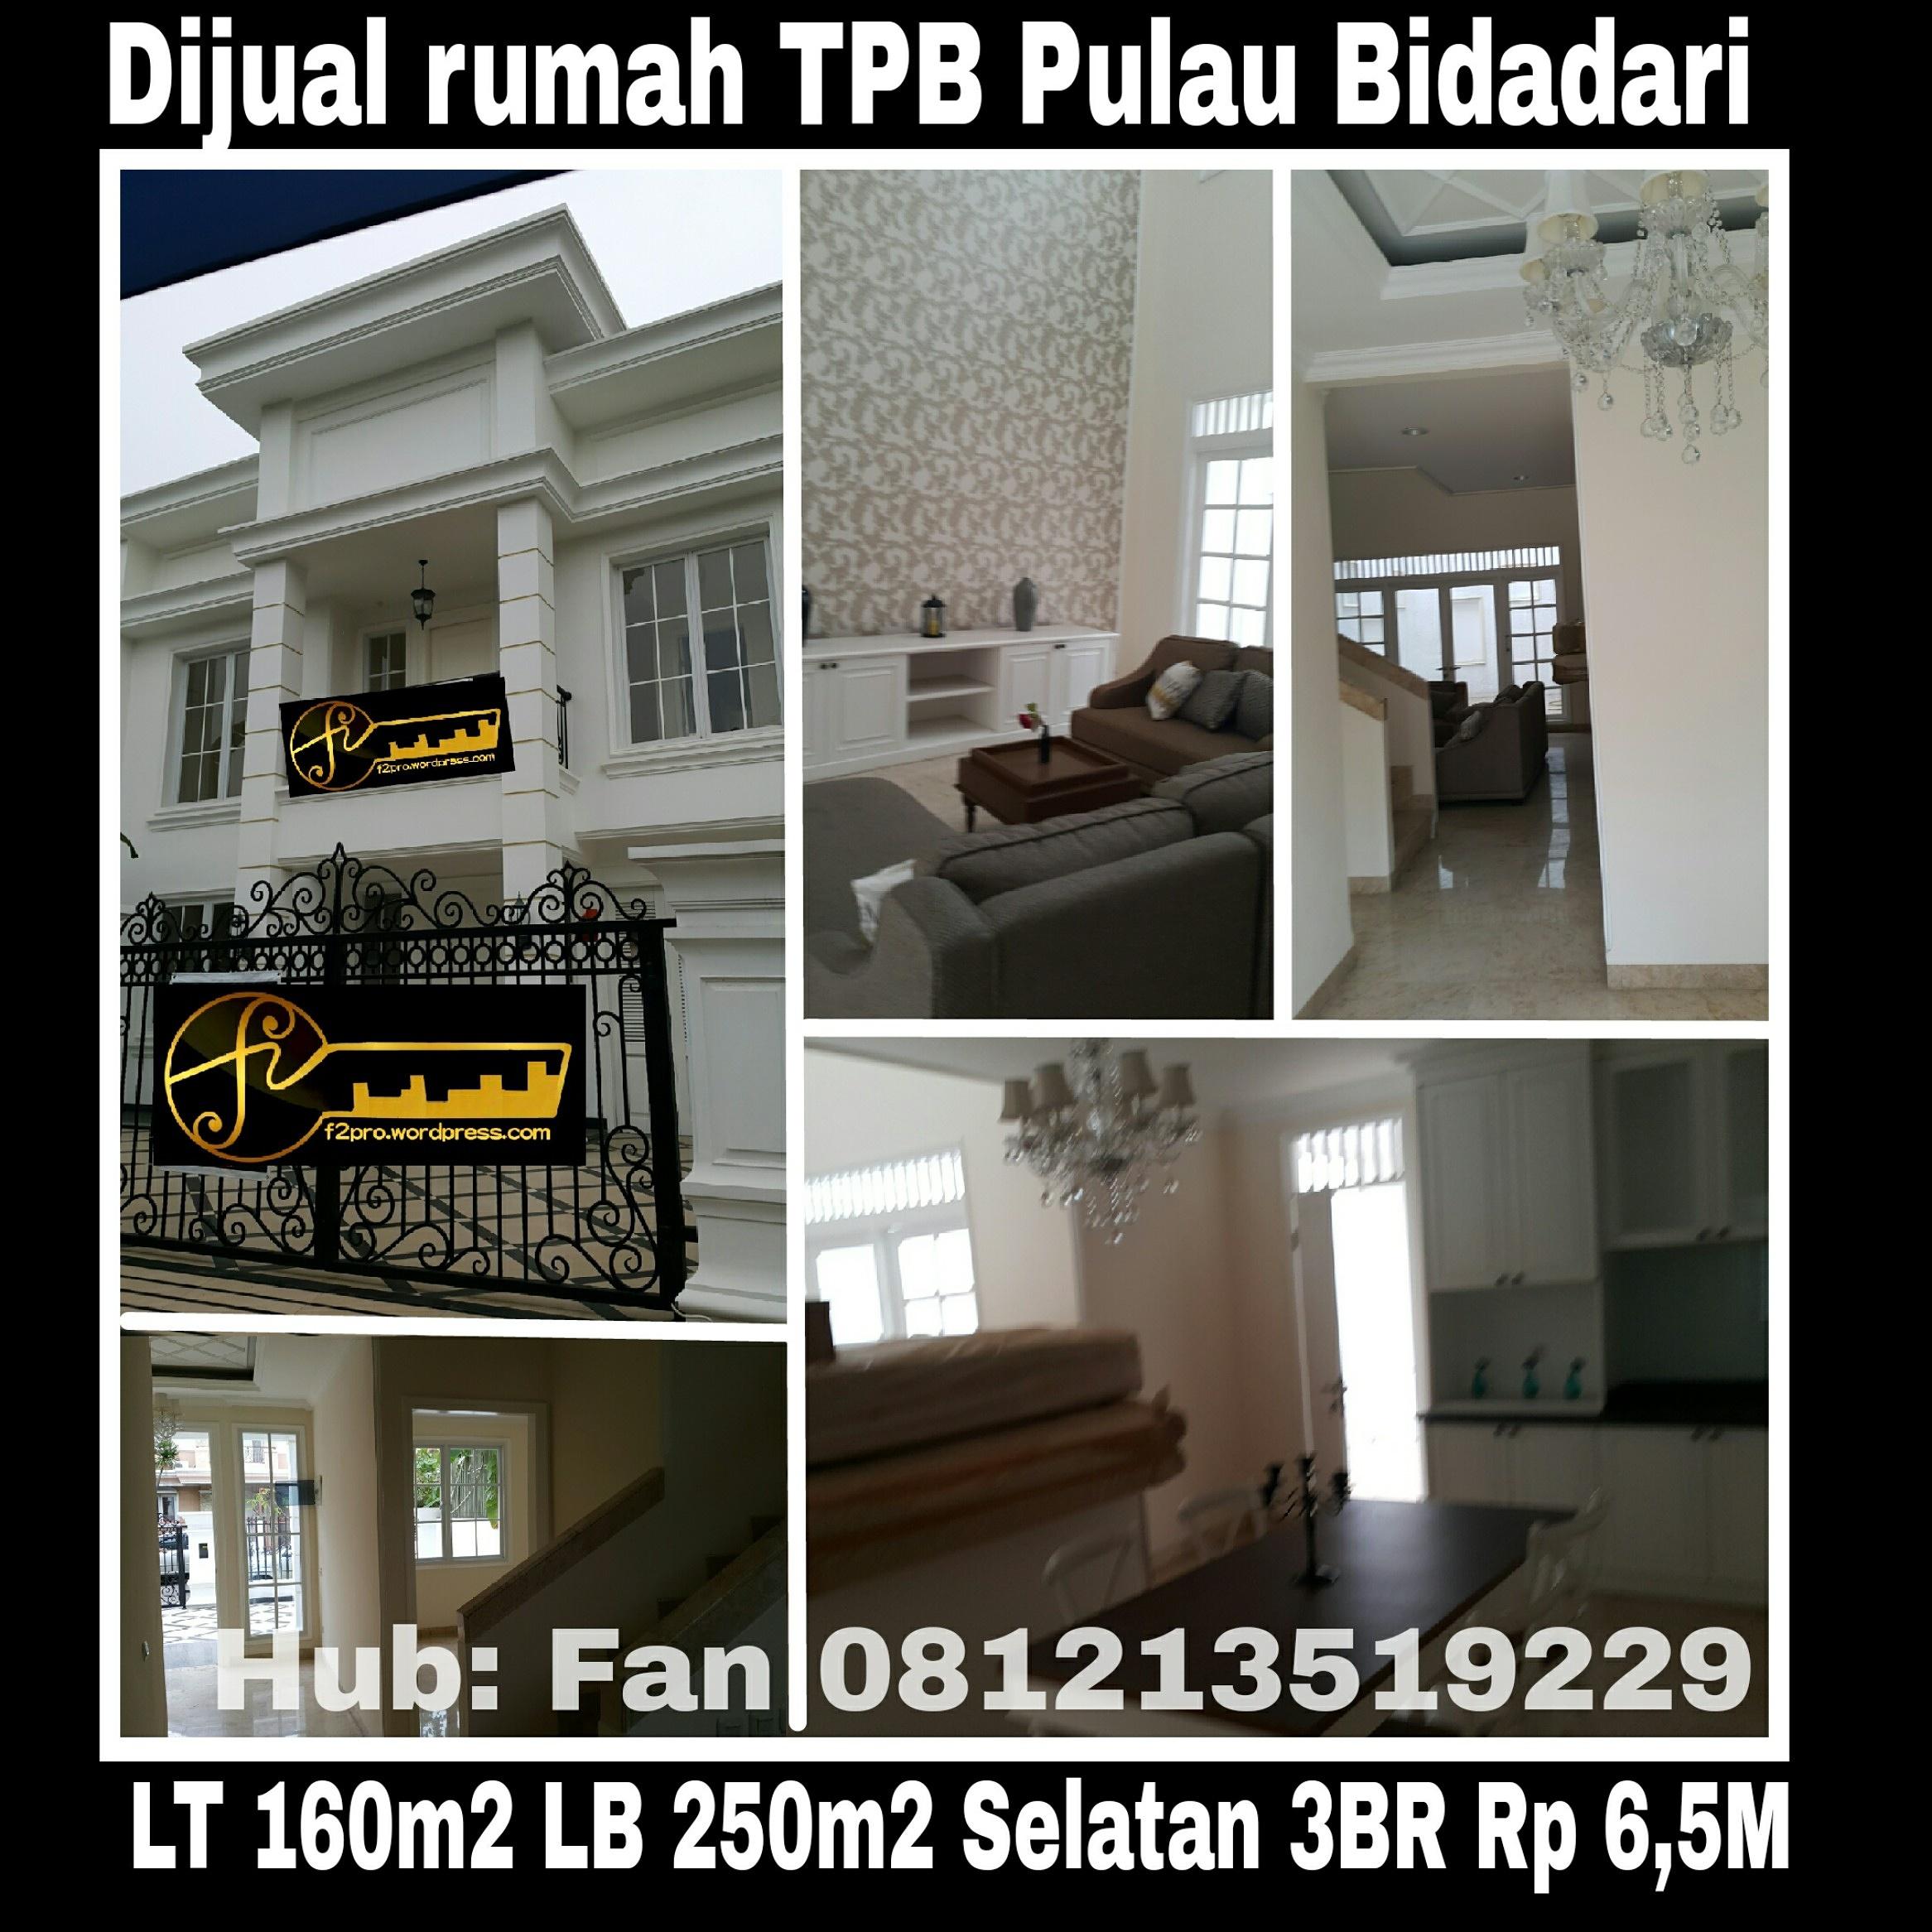 Rumah TPB Pulau Bidadari Hadap Selatan.jpg